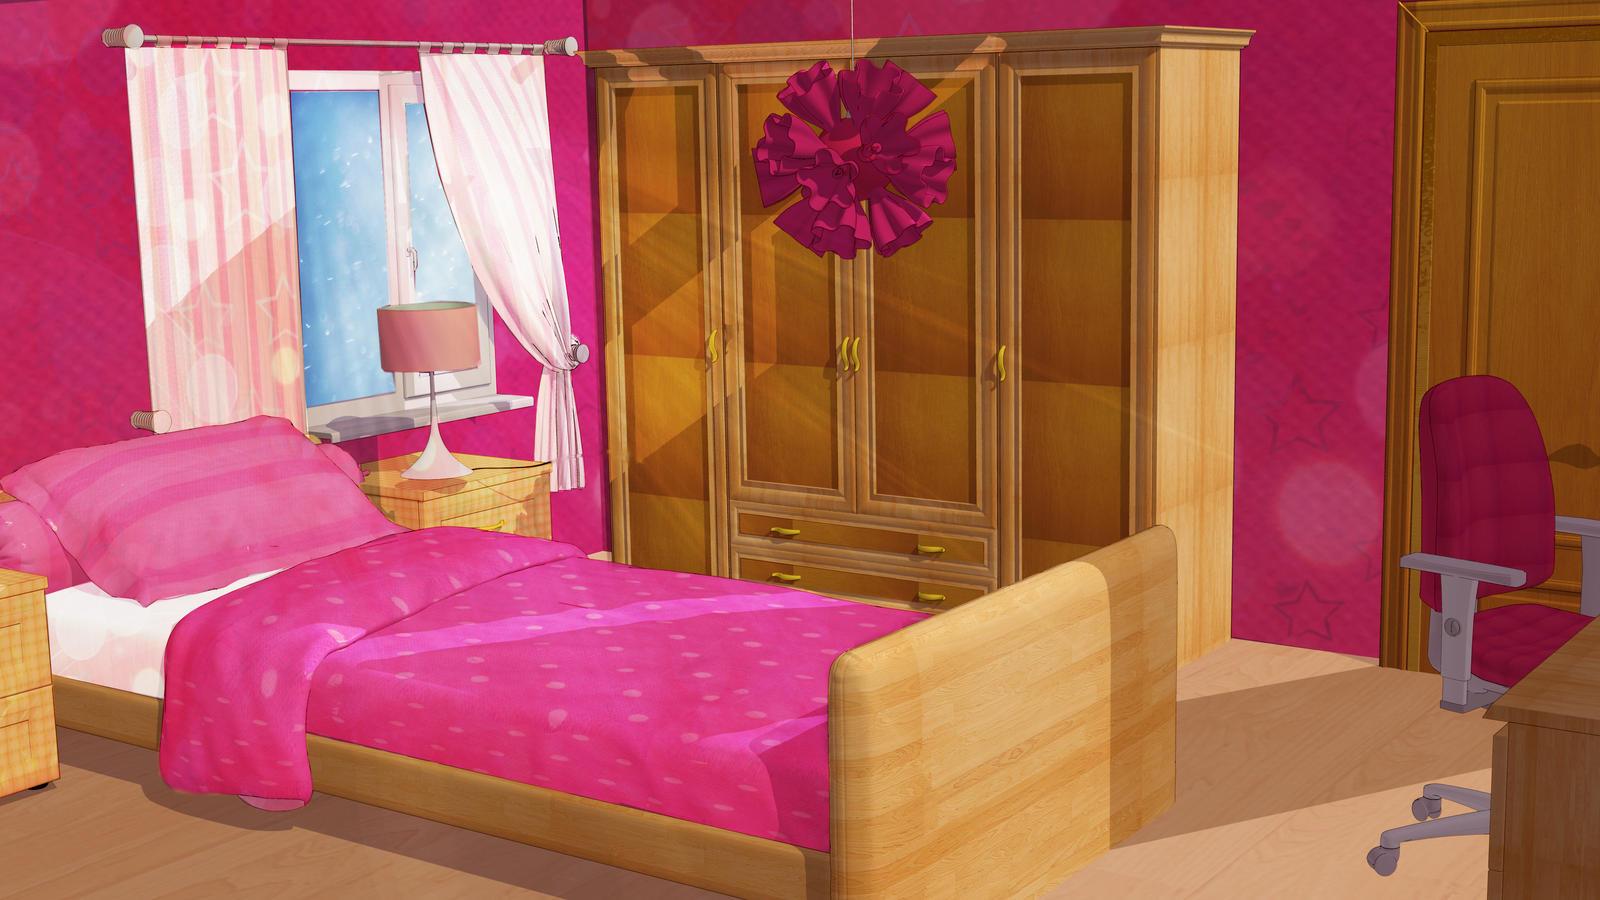 Anime Style Background Girl Bedroom By Firesnake666 On Deviantart